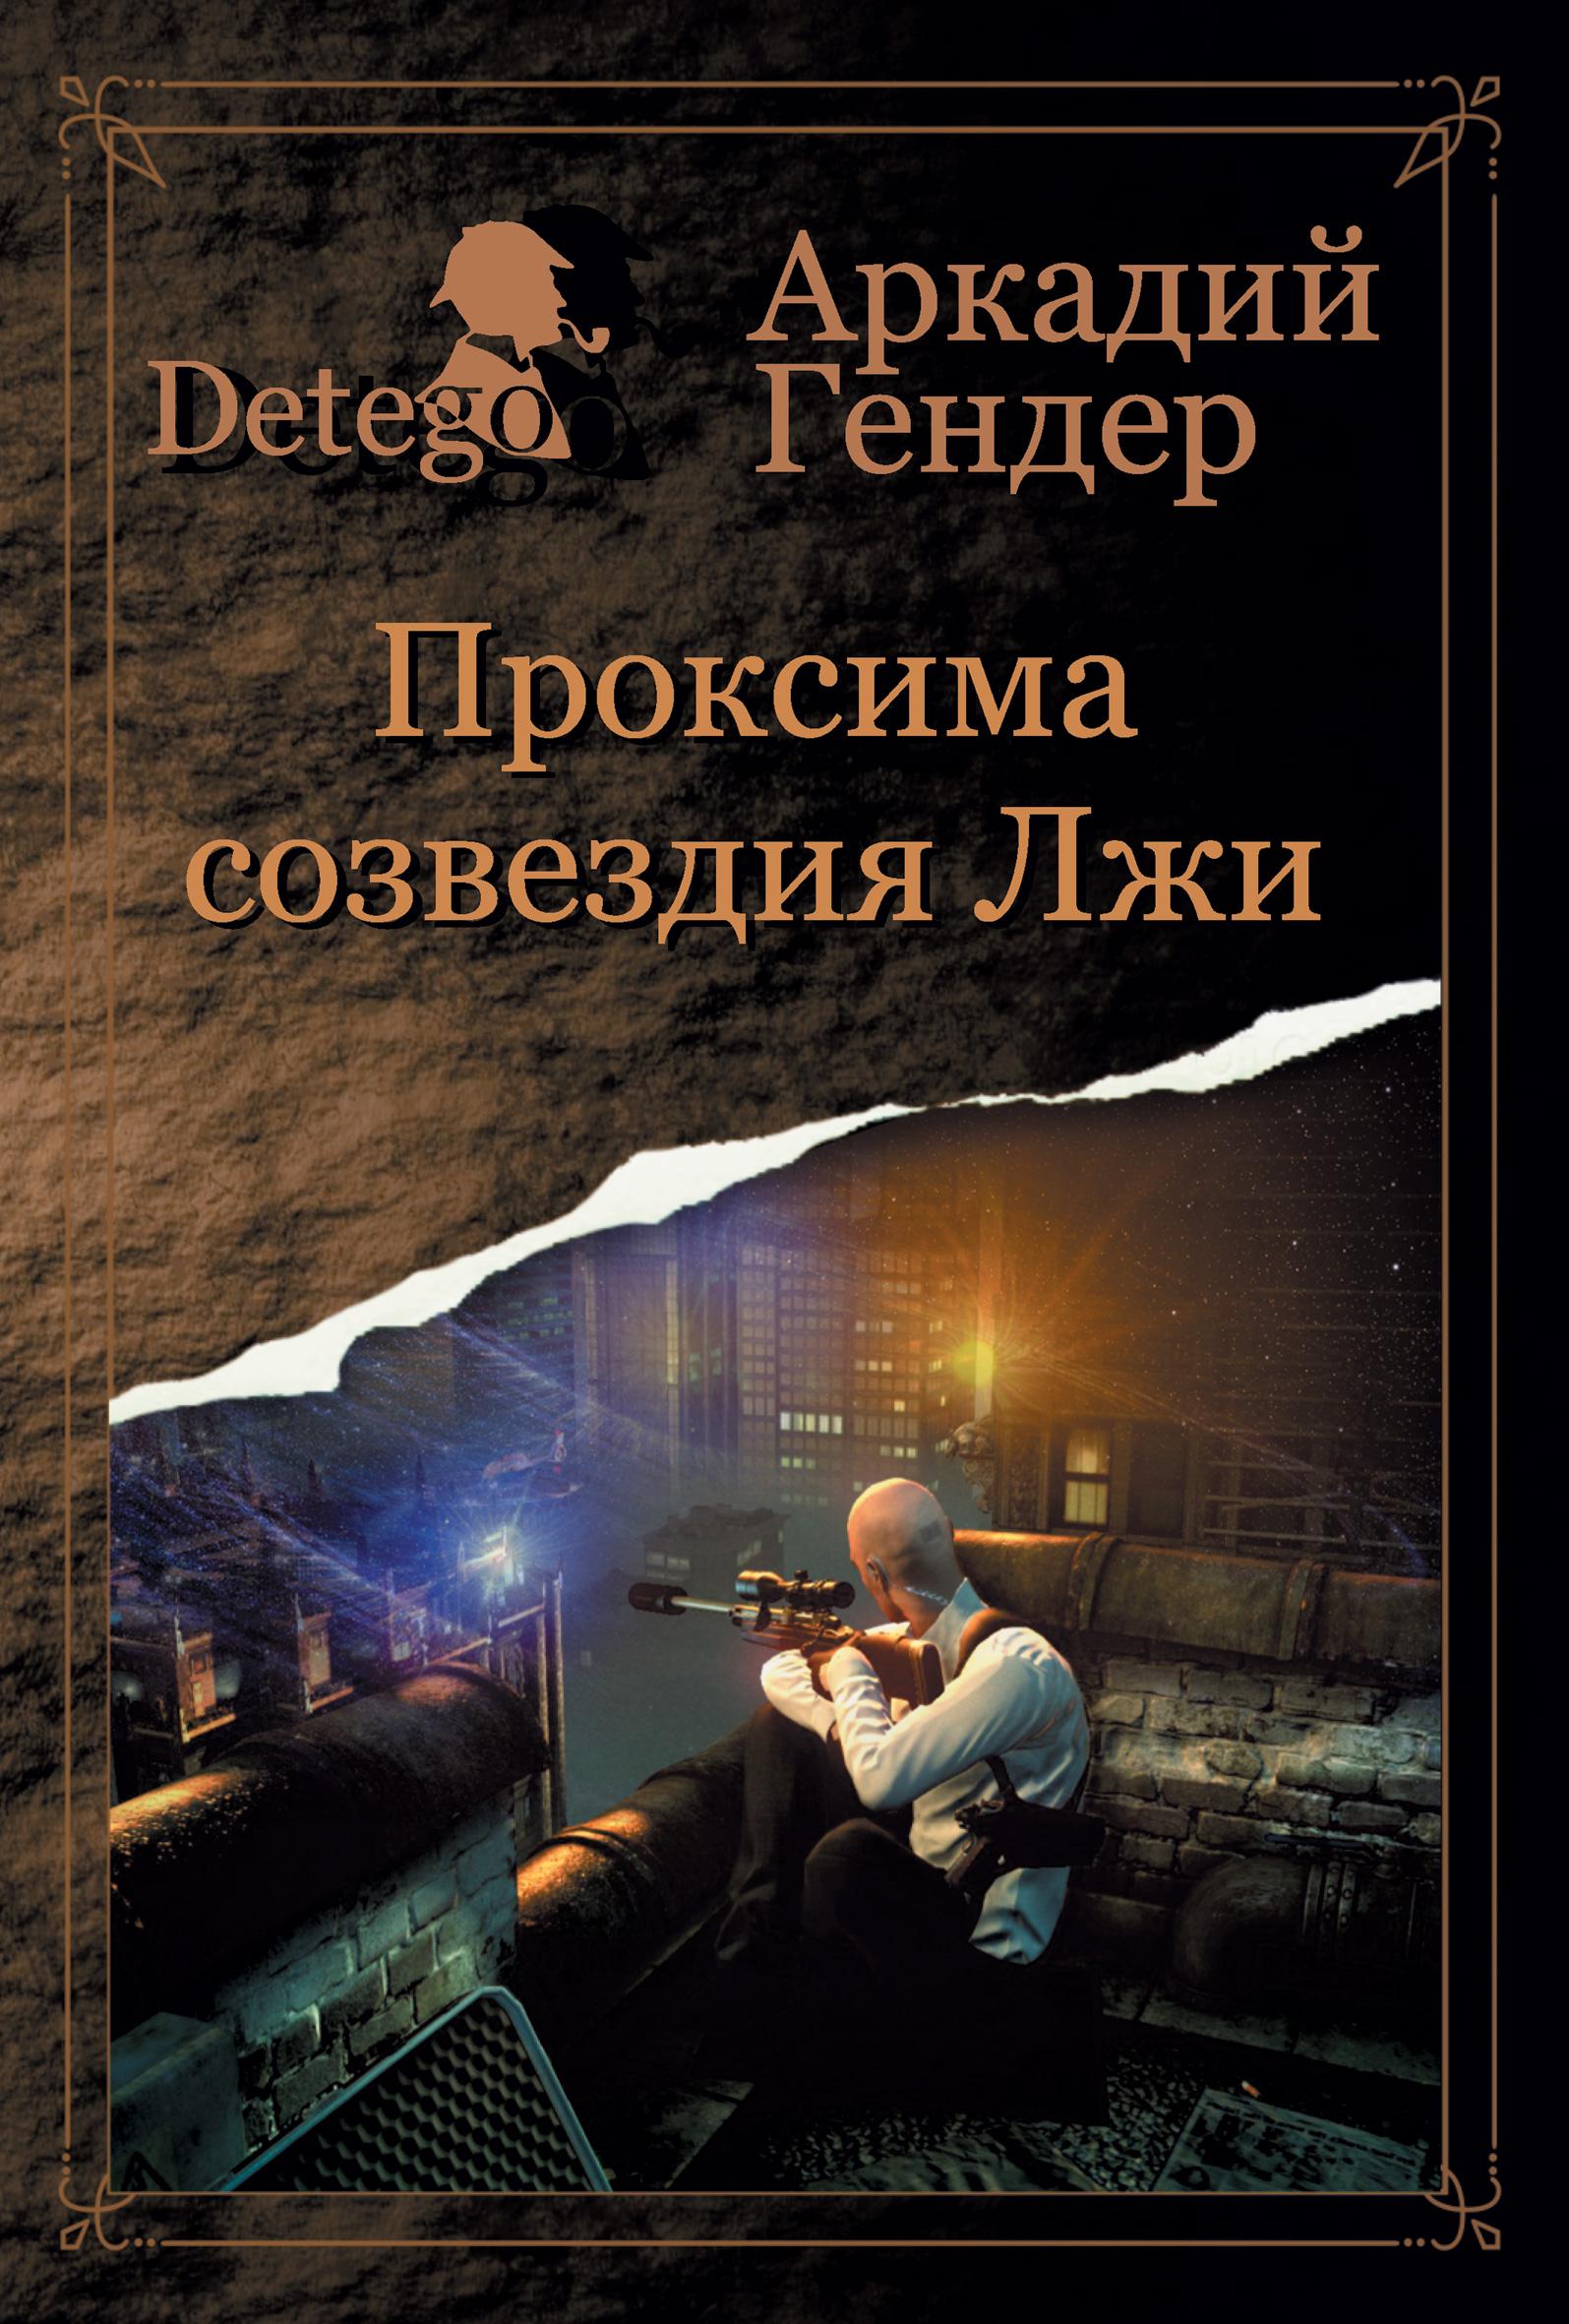 Аркадий Гендер Проксиома созвездия Лжи контейнер для стирального порошка violet ротанг